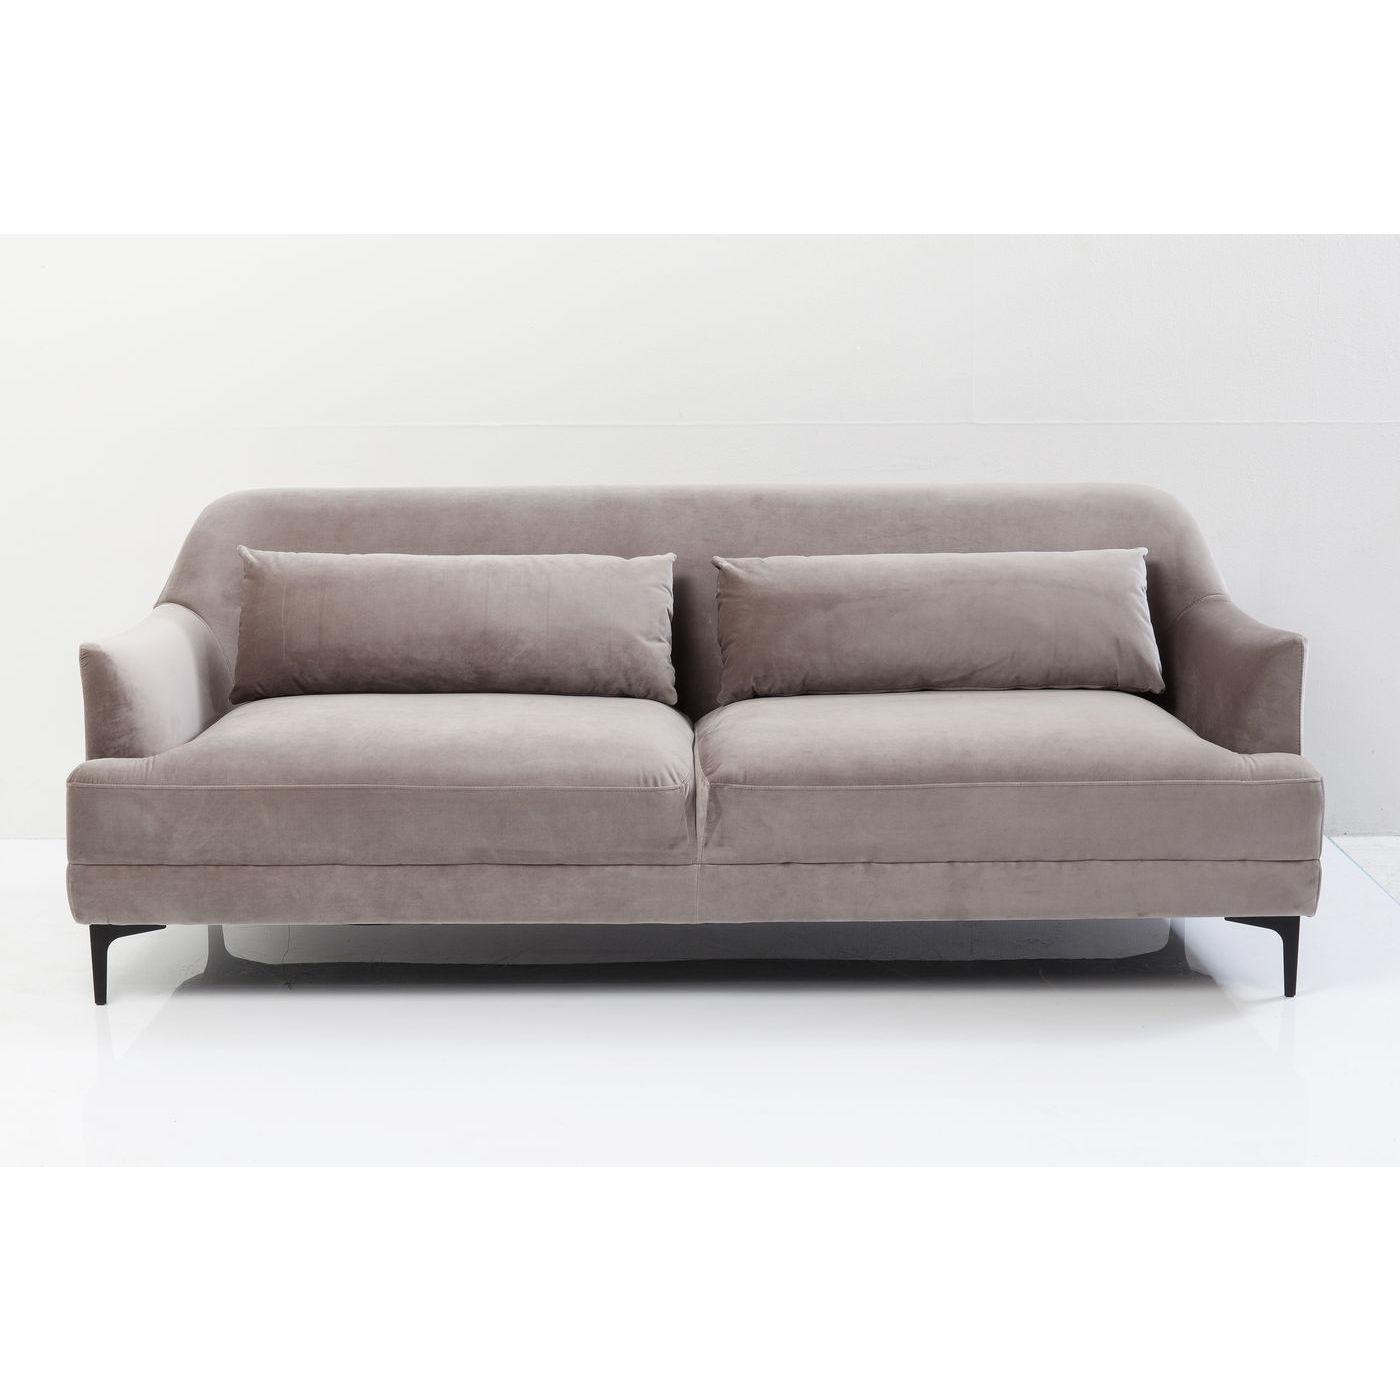 KARE DESIGN Proud Grey 3-personers sofa - grt stof/stl